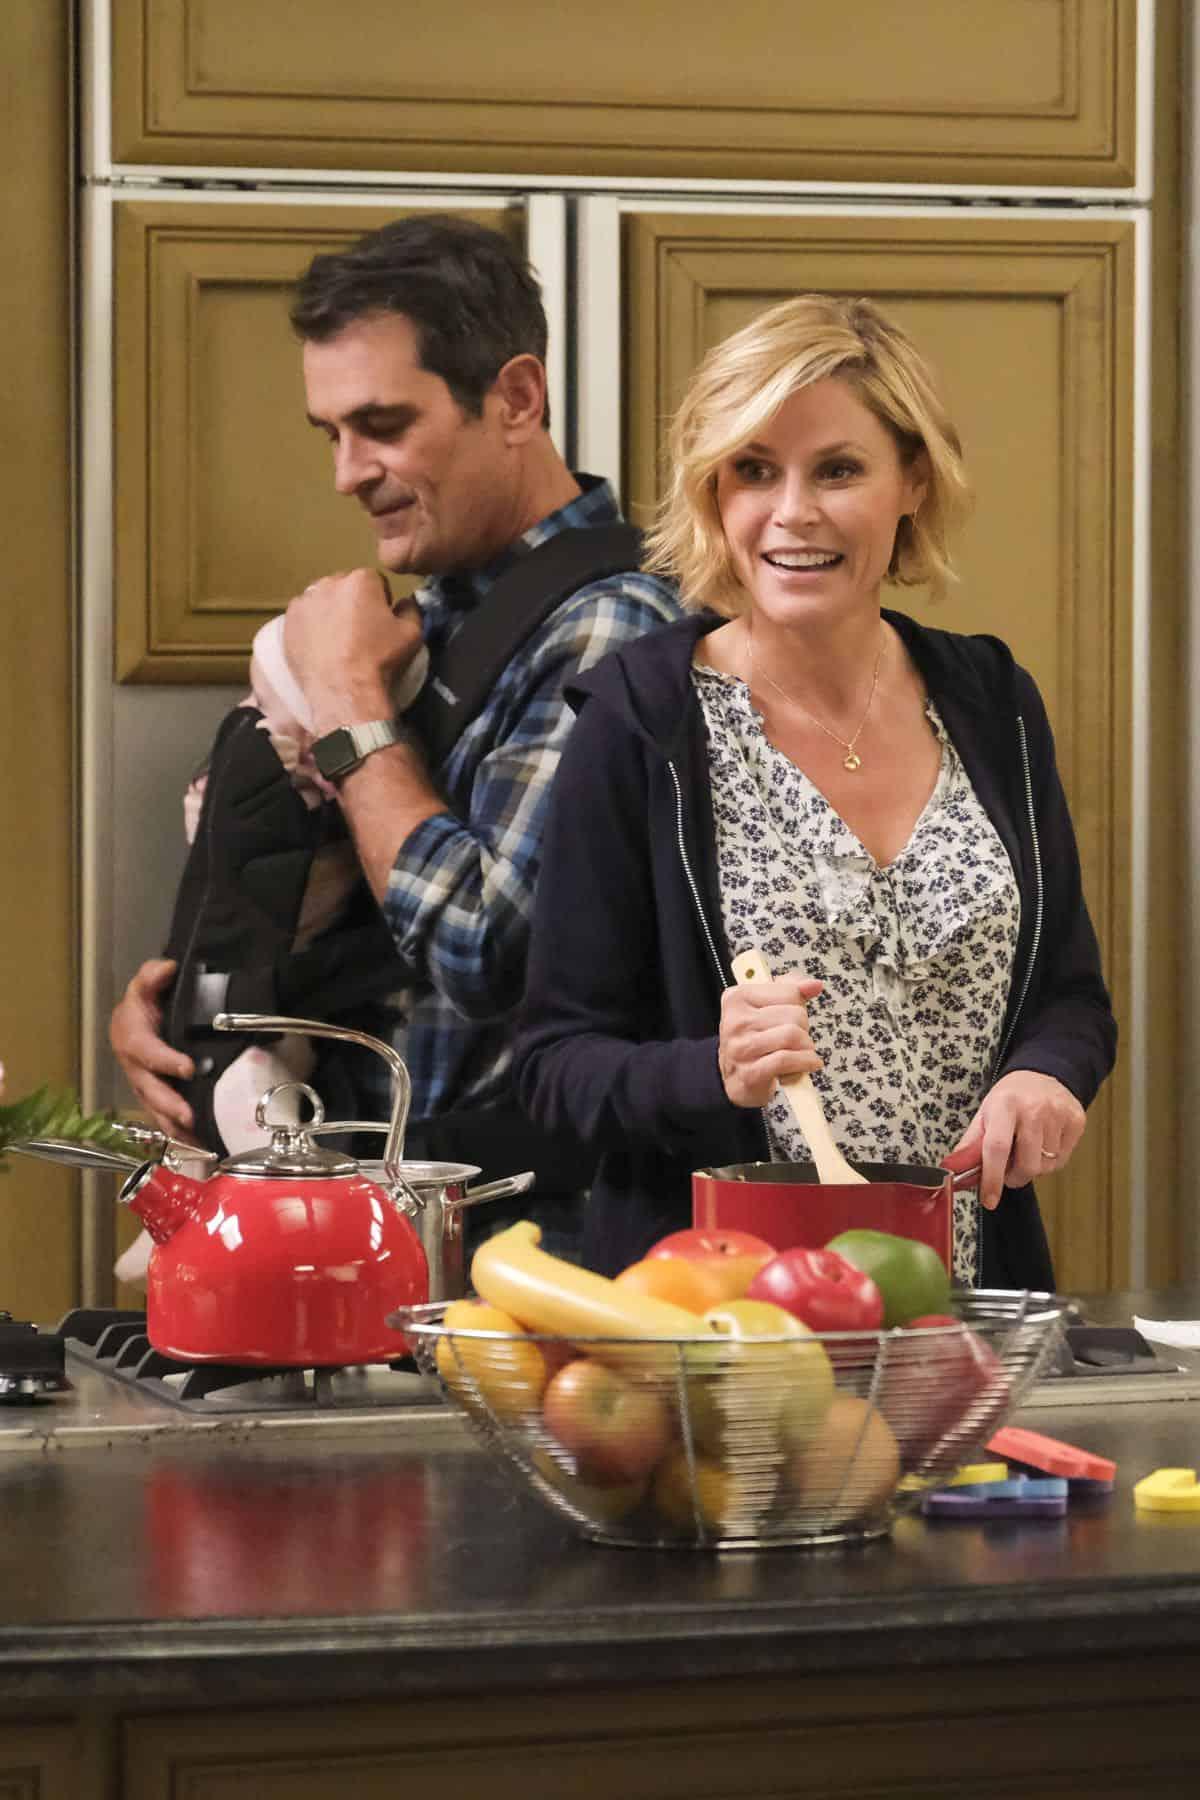 Modern Family Season 11 Episode 1 New Kids On The Block 48